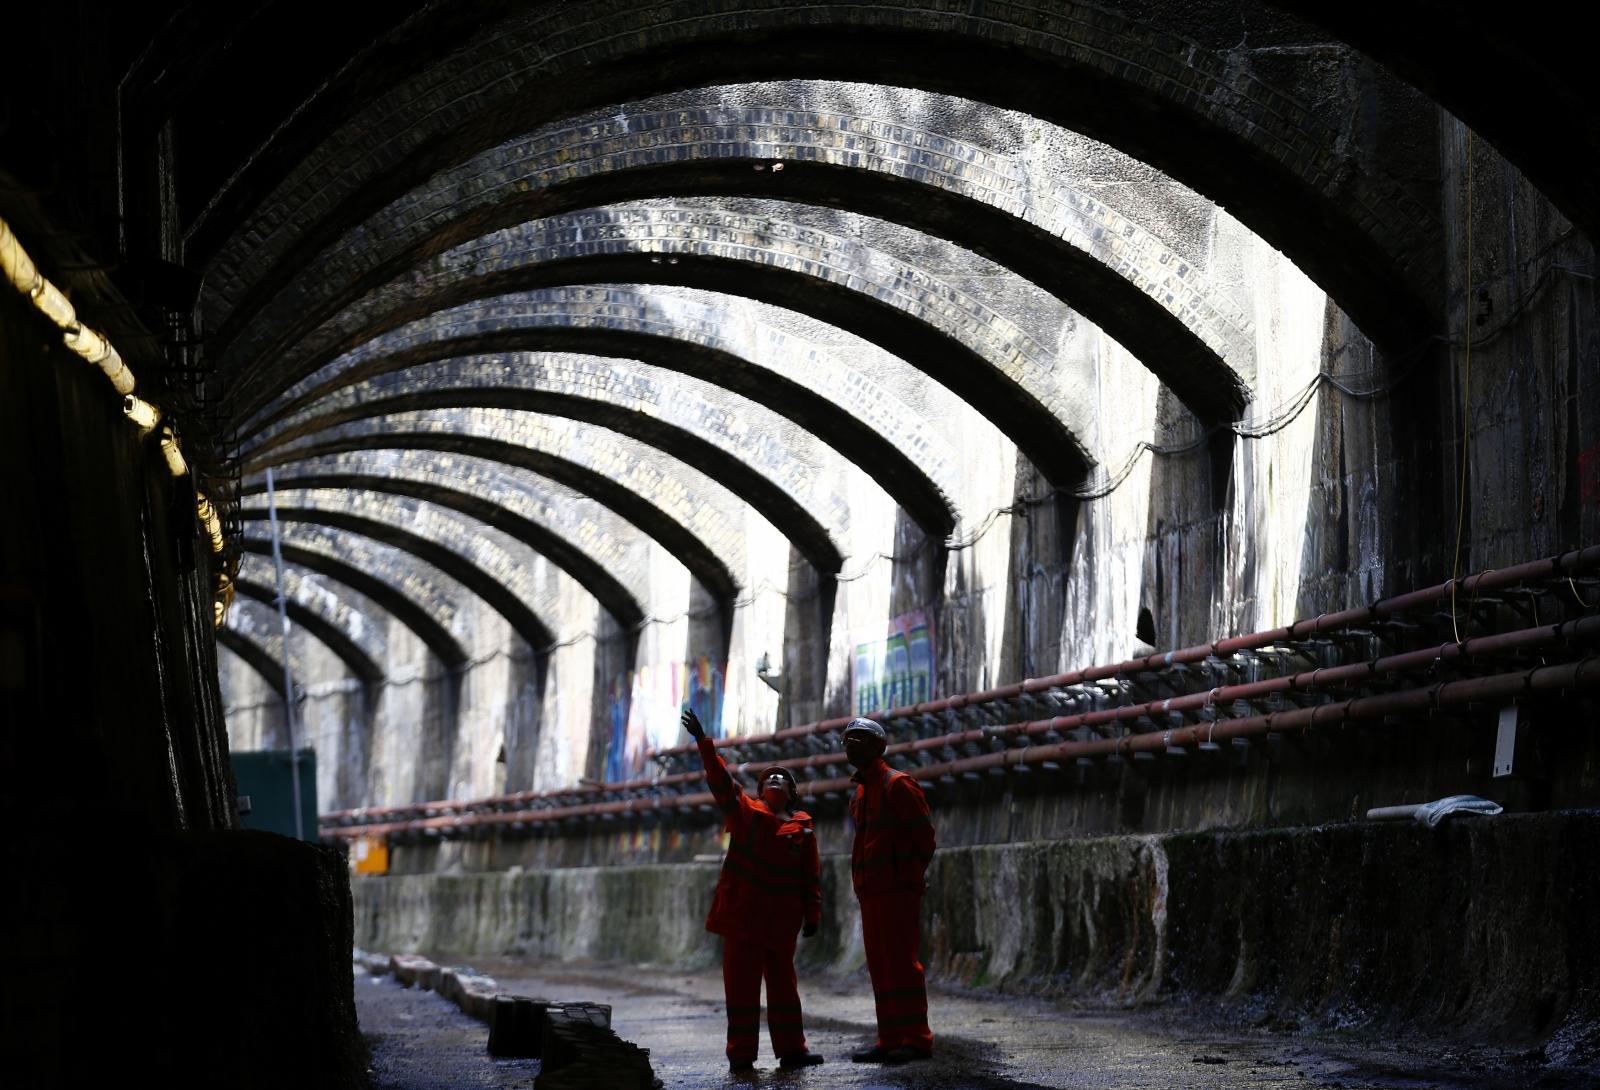 Crossrail workers